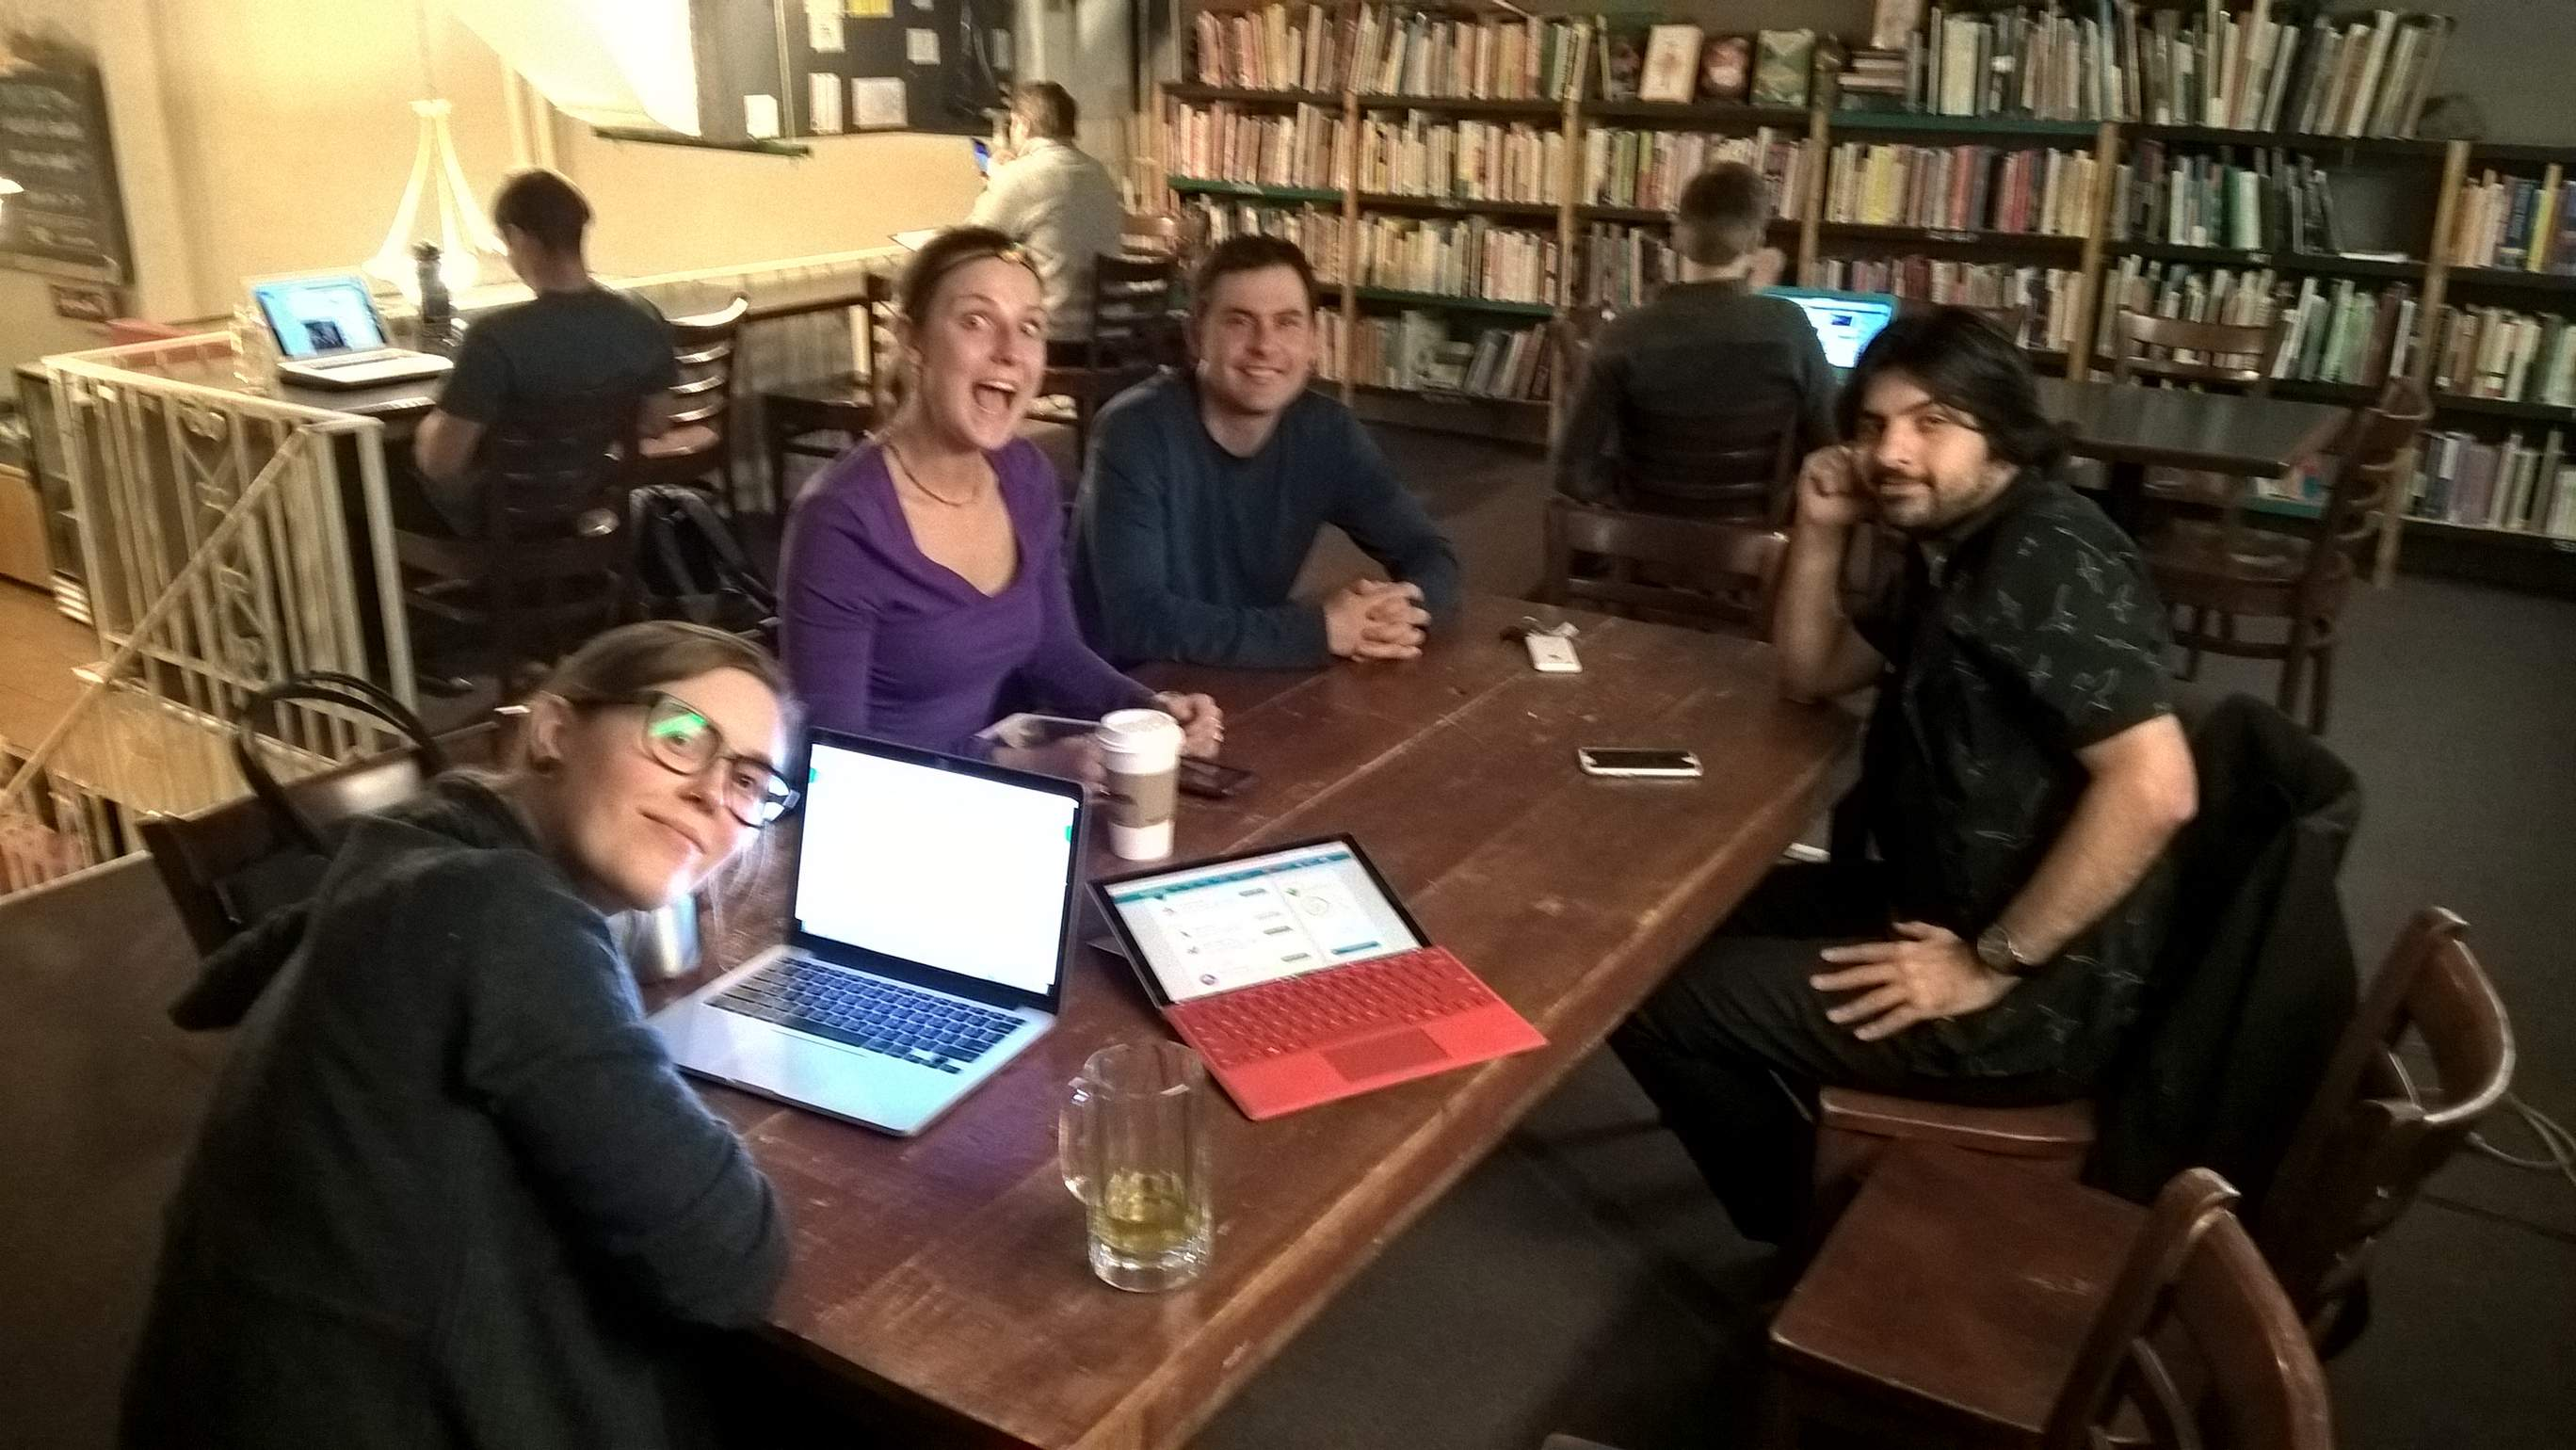 Maggie, Olivia, David, y Azad en la reunión de conversación española. (31 de Octubre, 2016)